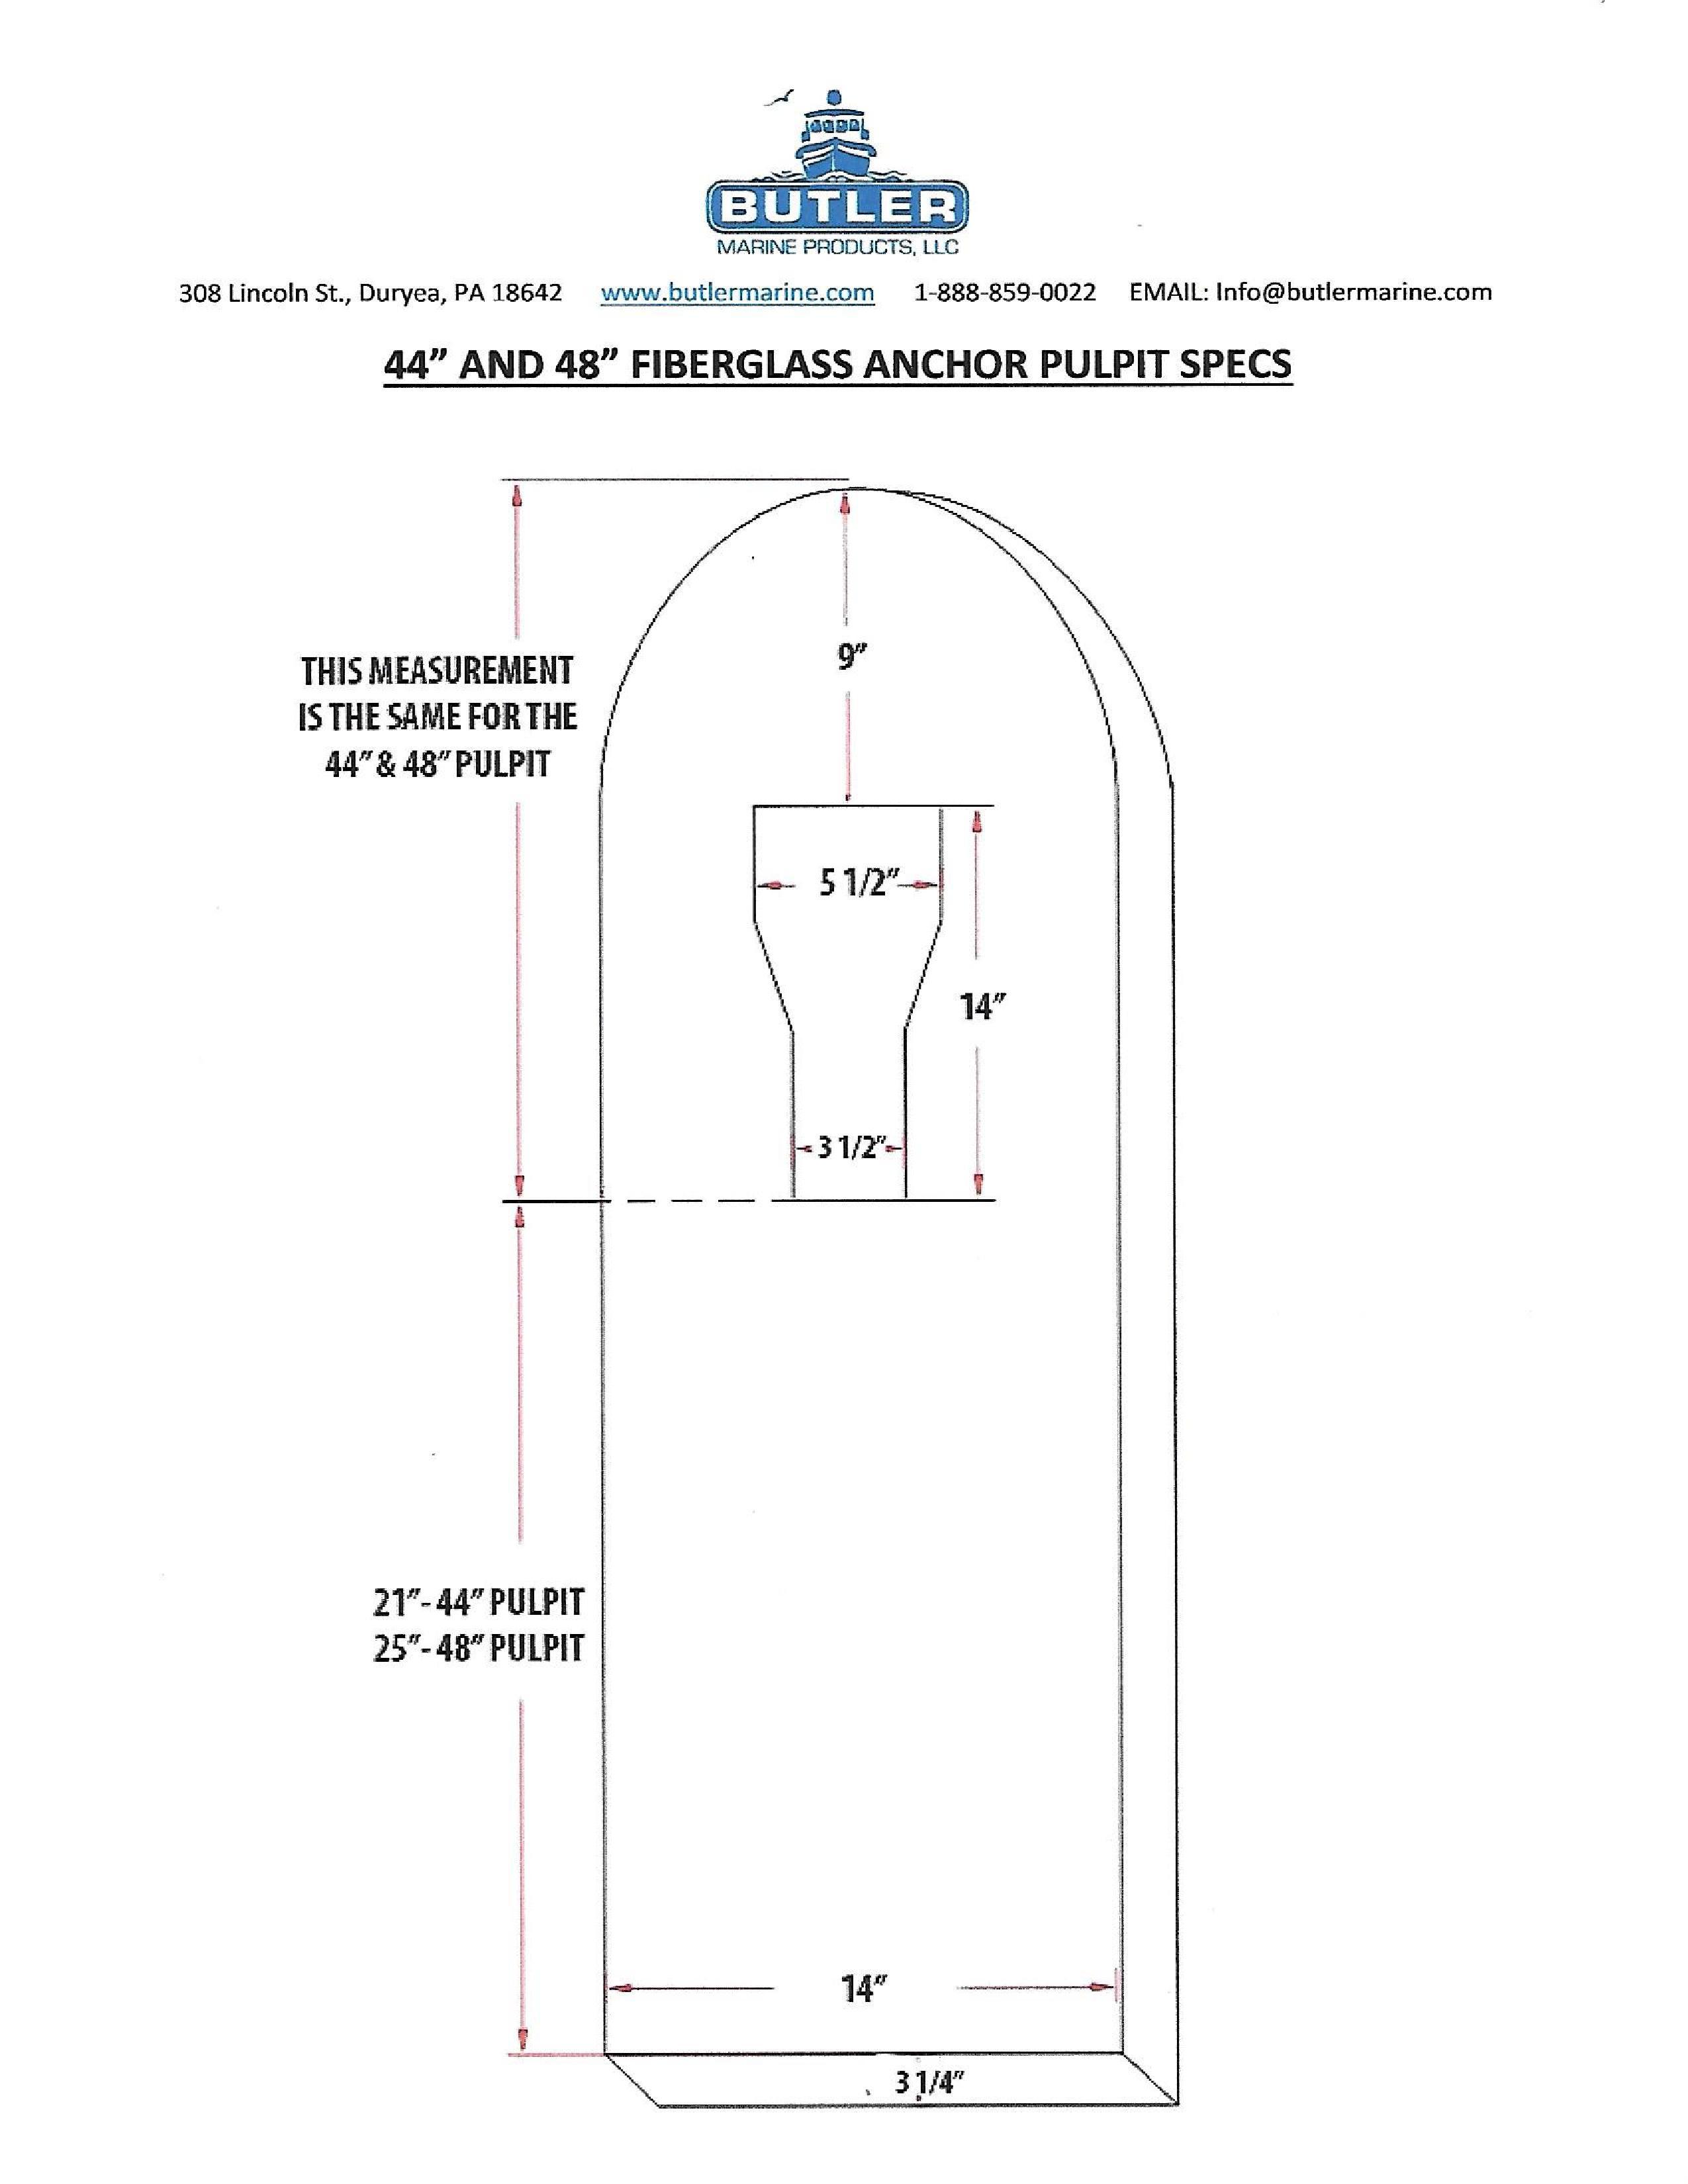 44&48 FG Pulpit Specs-page-001